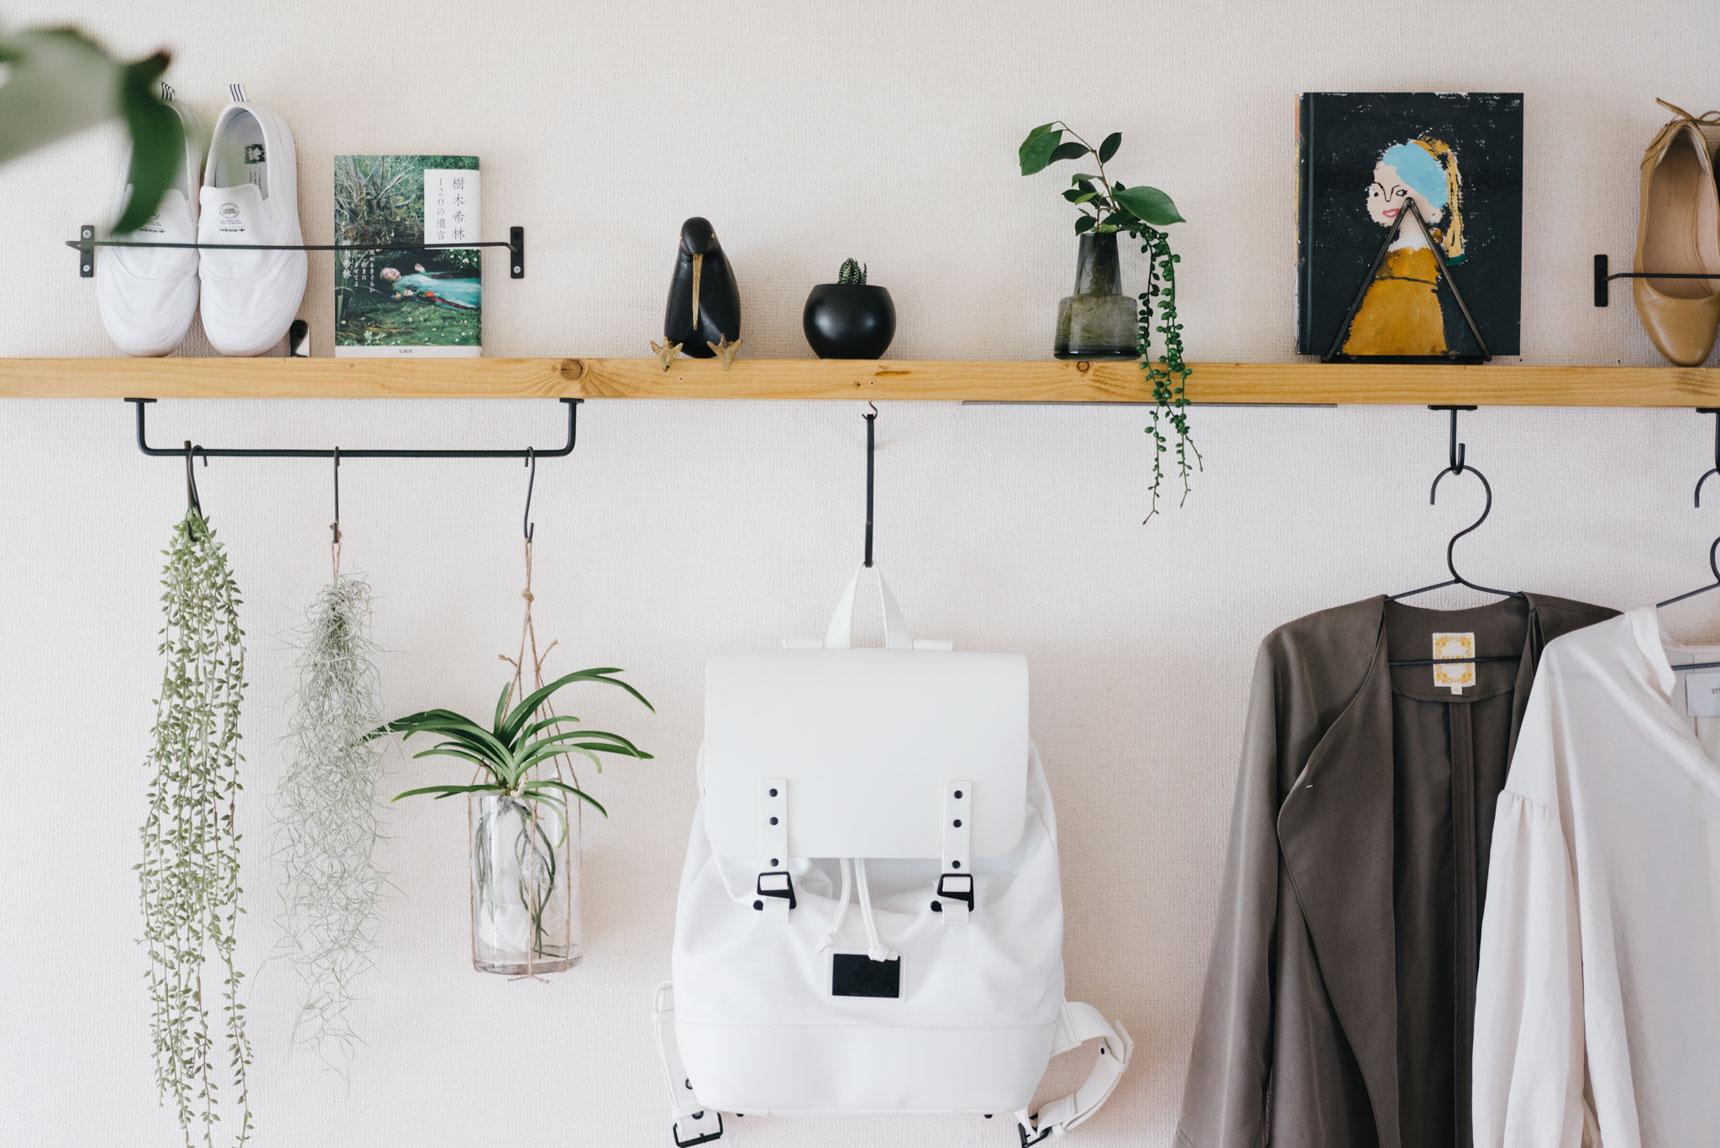 小ぶりで垂れさがるタイプのものは、吊るす植物に向いているんですね。